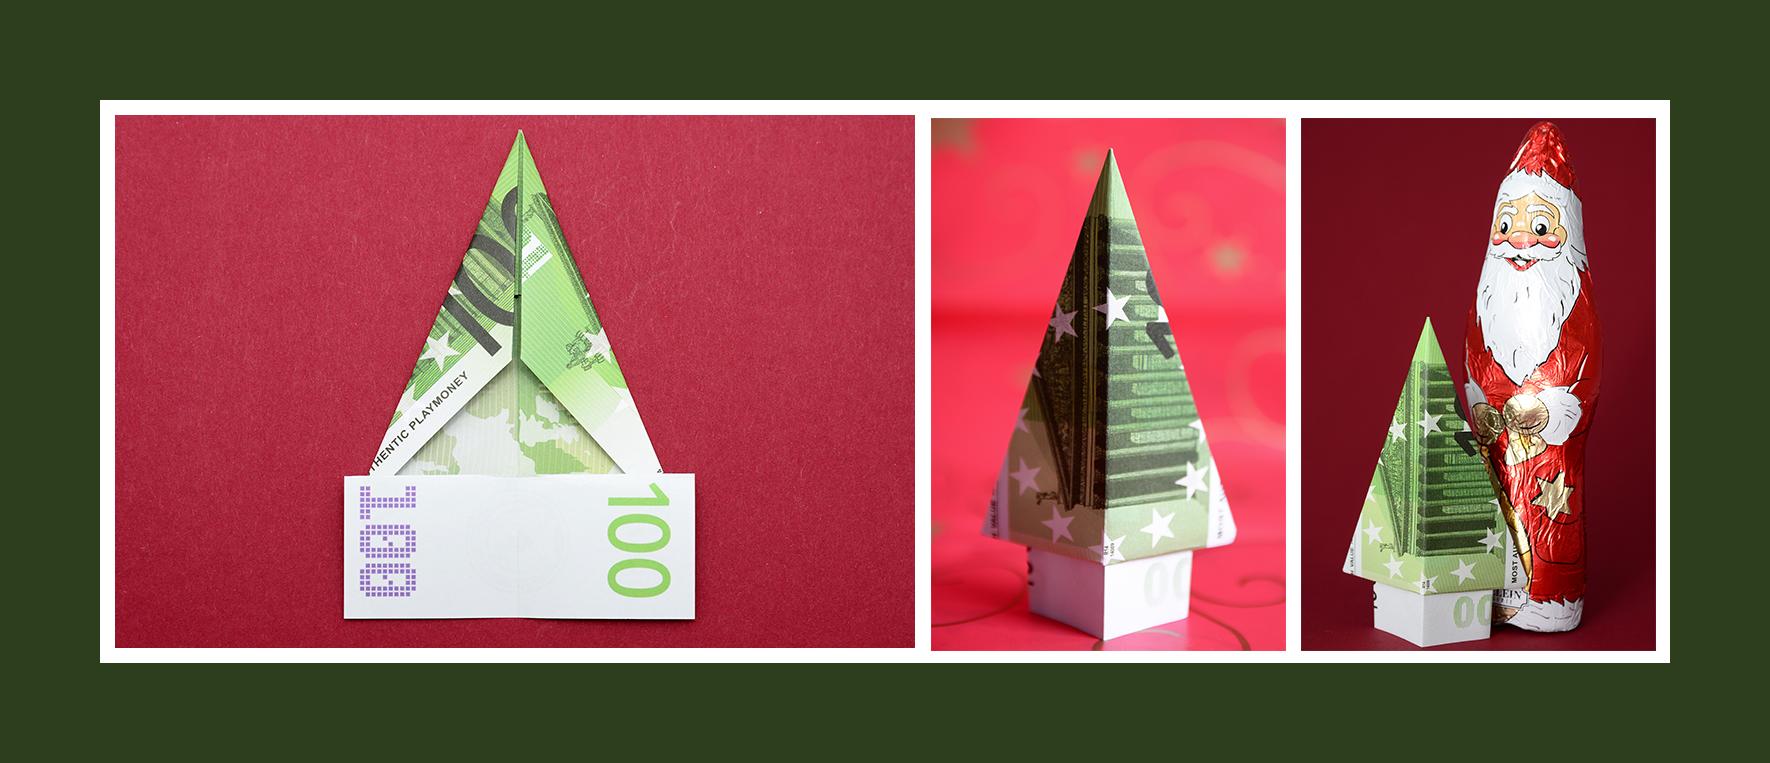 Geldschein falten  Weihnachtsbaum